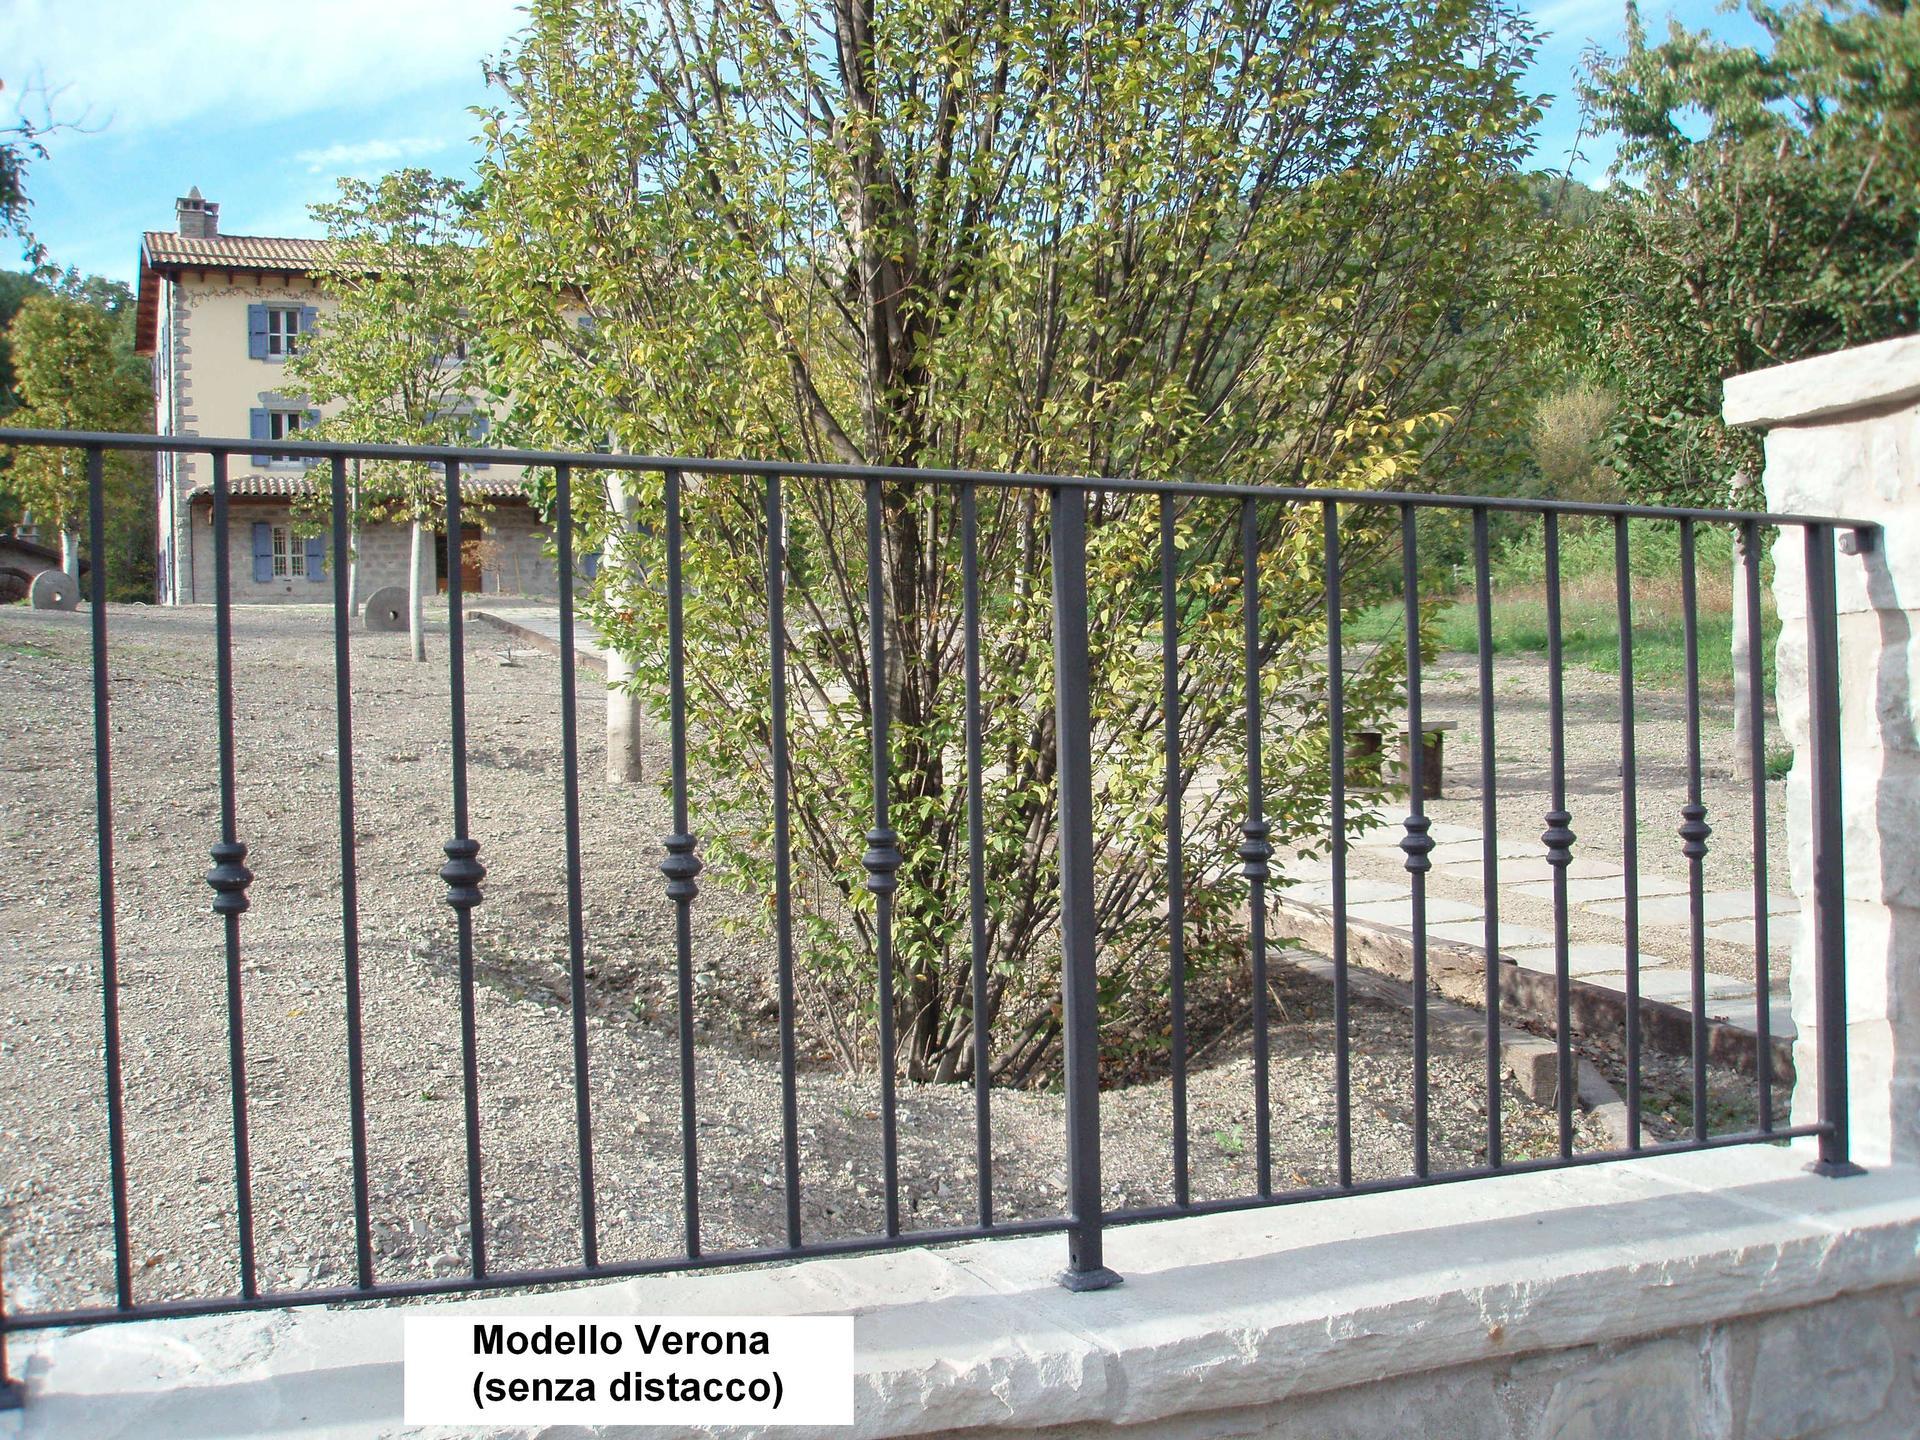 Ringhiera in parco Modello Verona